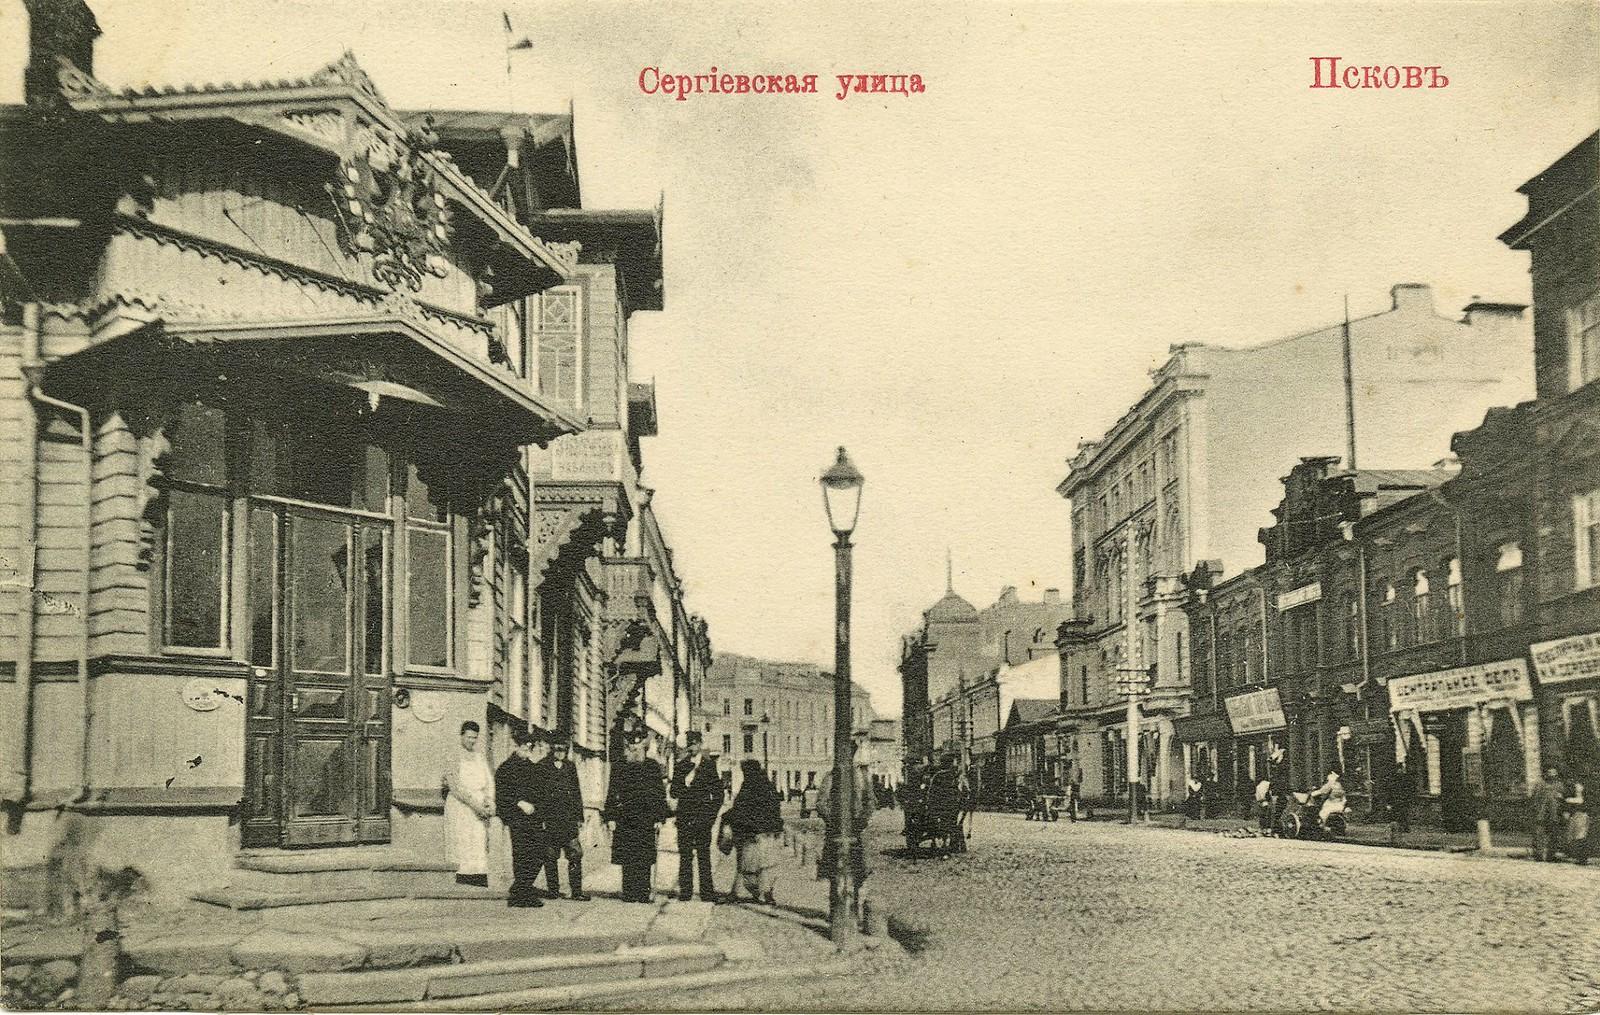 Сергиевская улица1